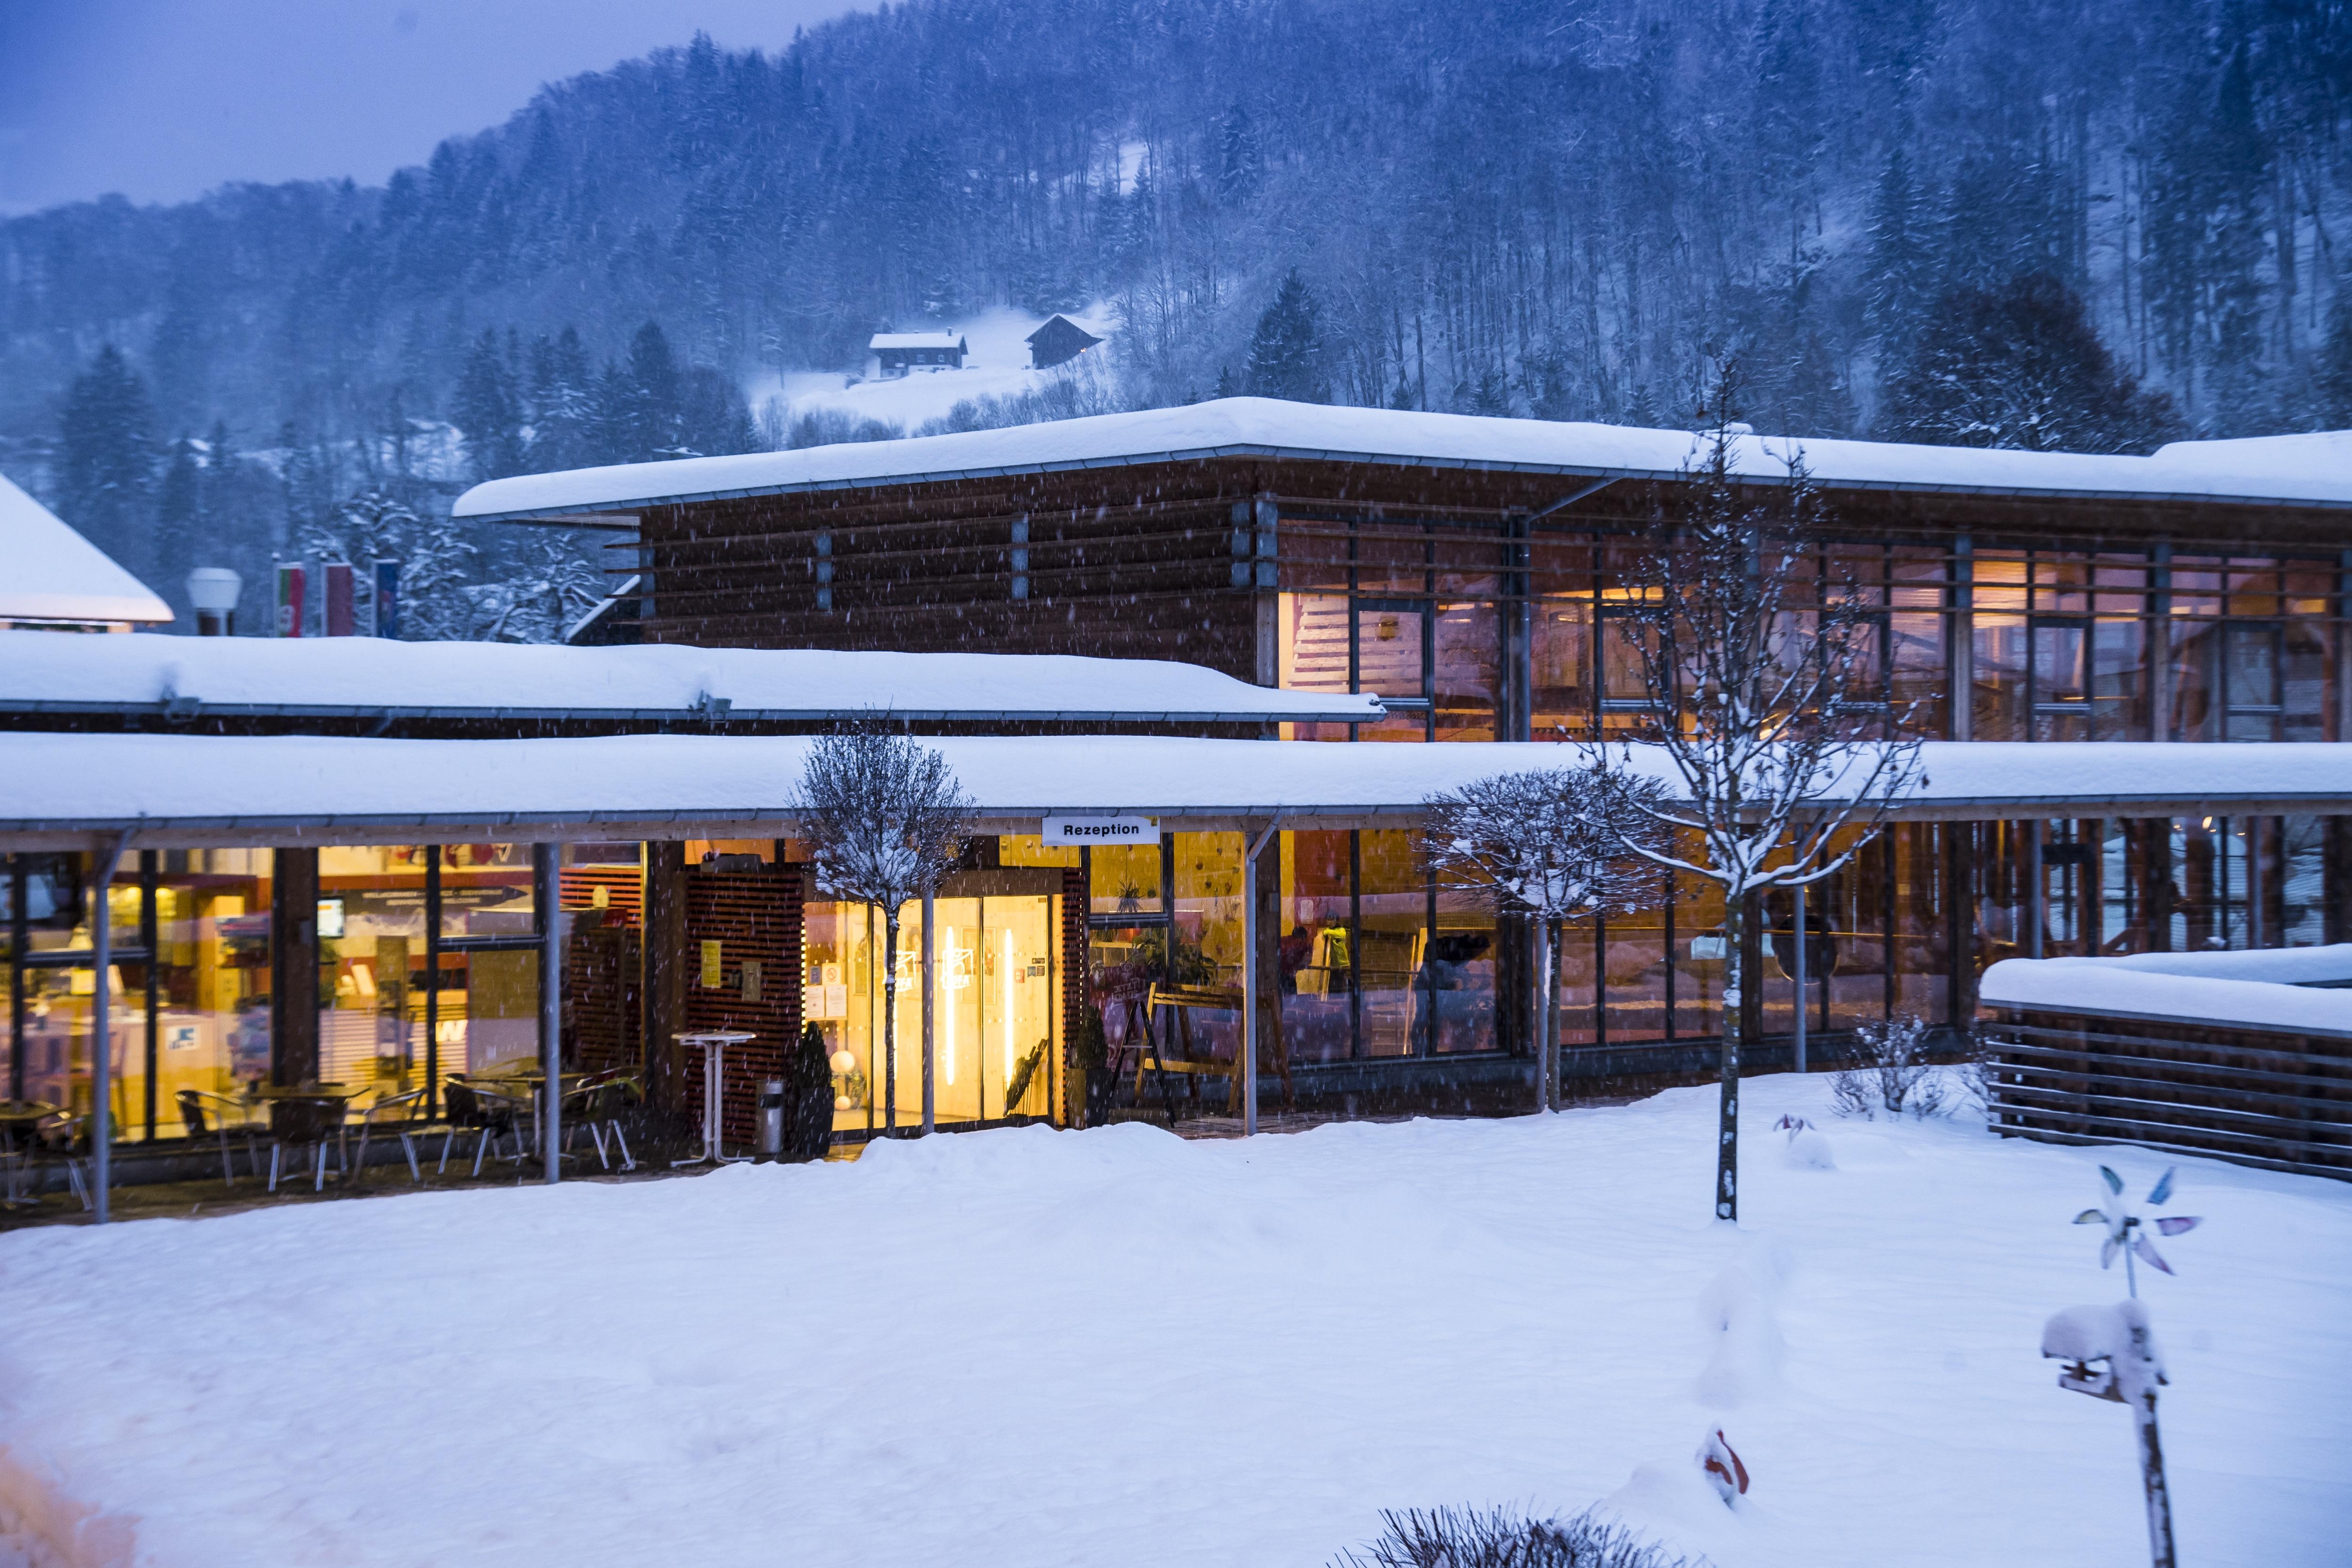 Aussenansicht mit Eingang im Winter vom JUFA Hotel Montafon in der Abenddämmerung. Der Ort für erholsamen Familienurlaub und einen unvergesslichen Winter- und Wanderurlaub.